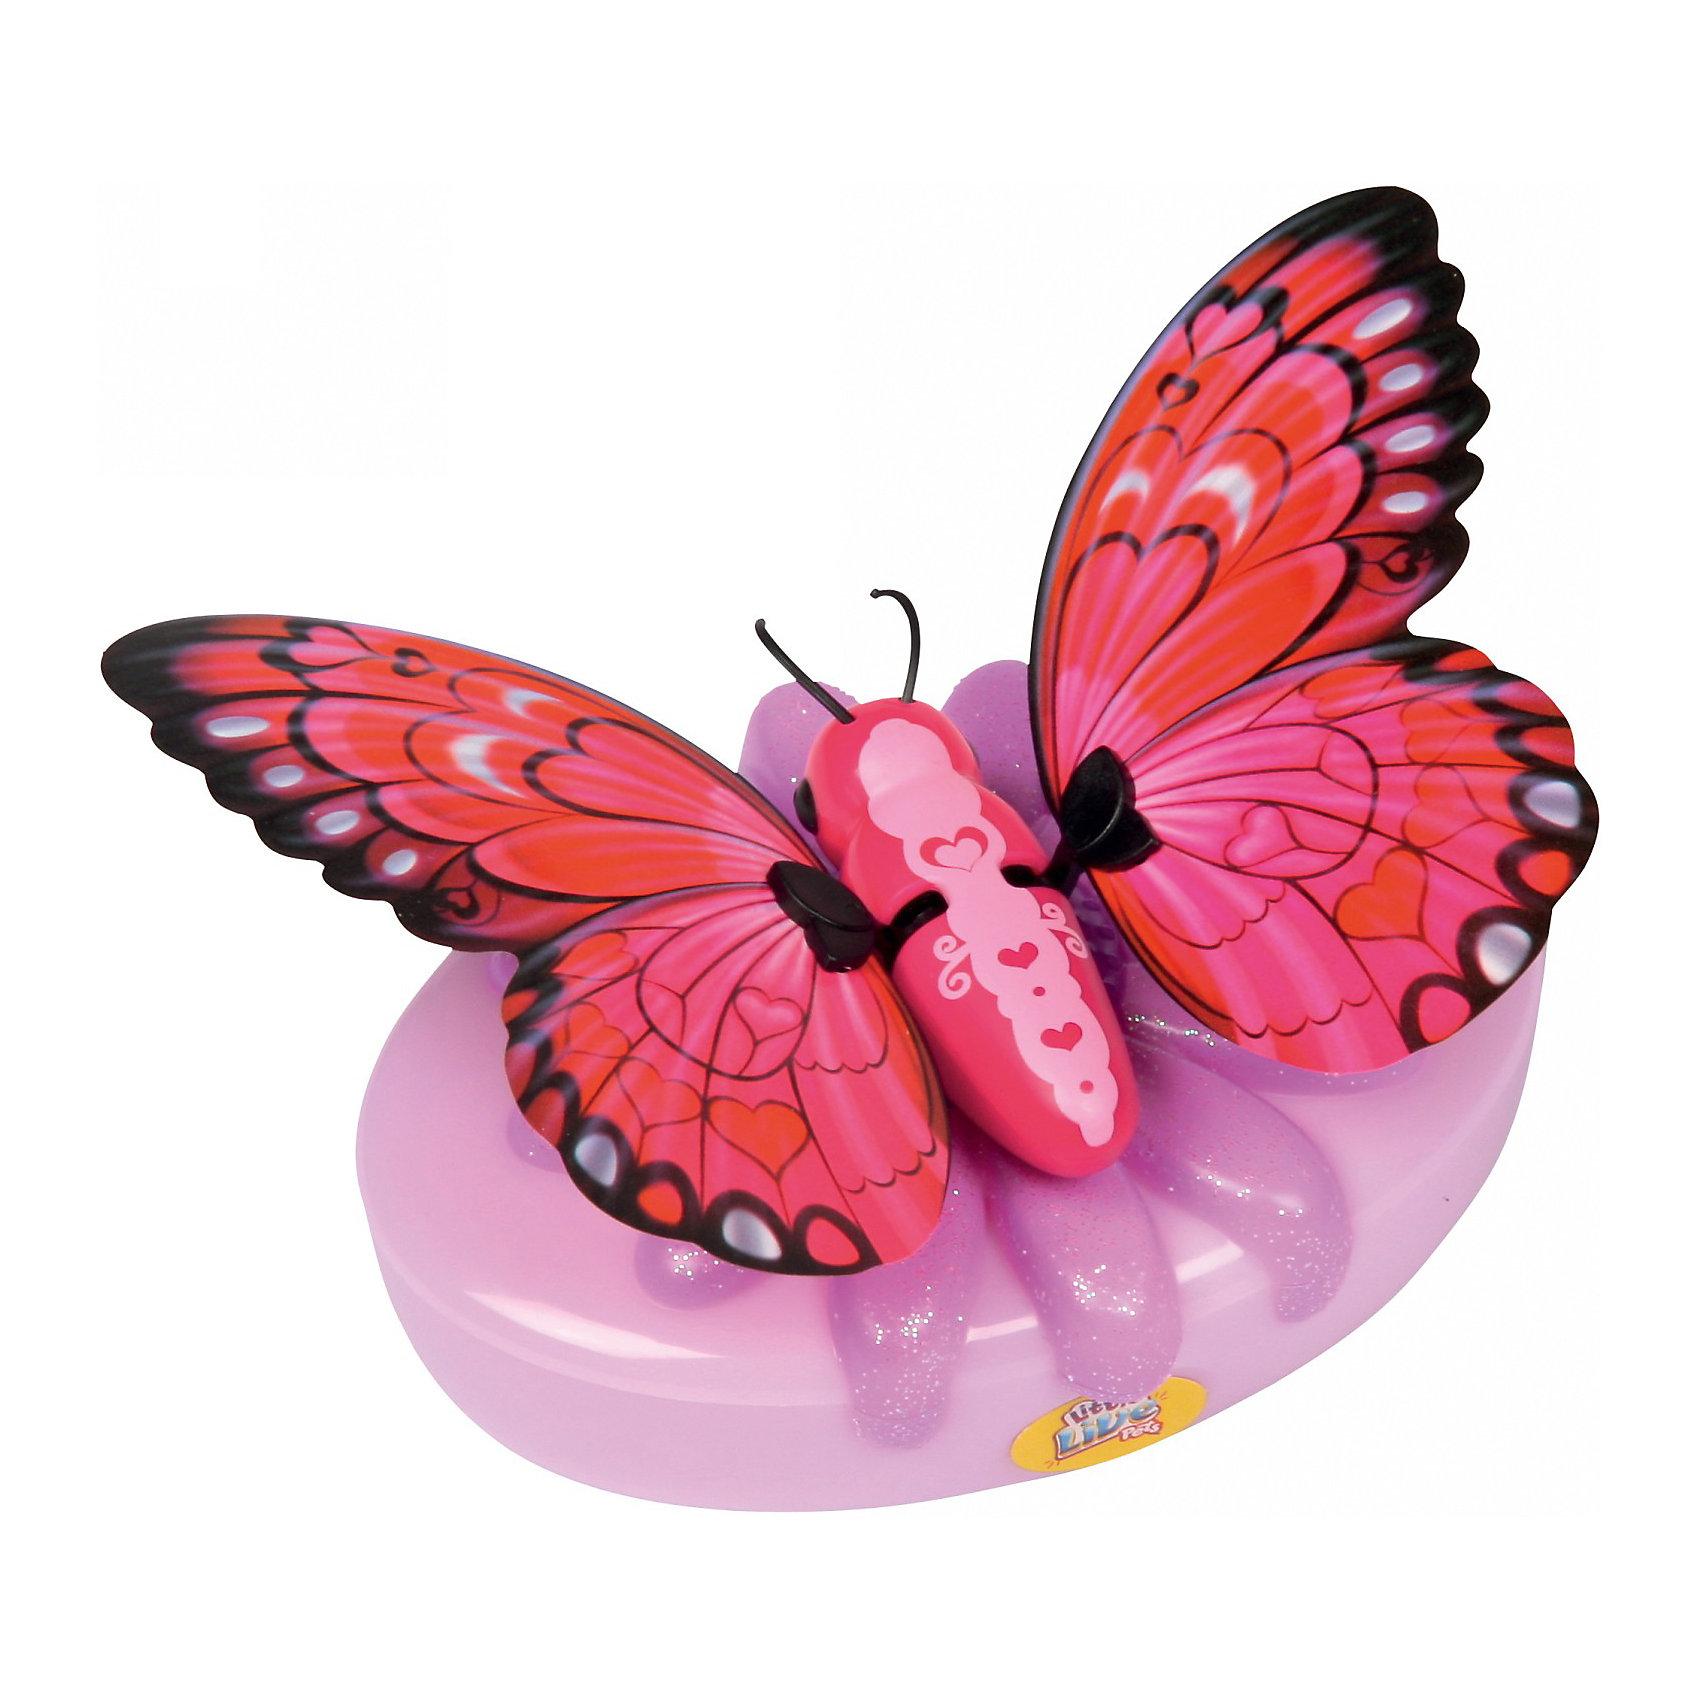 Бабочка Little live Pets Малинница, MooseБабочка Little Live Pets Малинница, Moose - оригинальная необычная игрушка, которая вызовет восторг у Вашей девочки и станет ее любимой питомицей. Чудесные красочные бабочки серии Little Live Pets от известной австралийской компании обладают интерактивными функциями, которые делают их похожими на настоящих живых бабочек. Все бабочки выполнены очень реалистично, каждая имеет свою окраску и индивидуальные особенности.<br><br>Бабочка Малинница с роскошной малиновой окраской и красивыми узорами умеет трепетать и махать крылышками. Посадите ее на руку, и она начнет хлопать крылышками с характерным звуком. Бабочка может сидеть не только на руке, но также на окне или любой другой поверхности с помощью специальной присоски, входящей в комплект.<br>Подзаряжается необычная питомица с помощью специального аккумулятора в виде цветка, у каждой бабочки свой особенный цветок.<br><br>Дополнительная информация:<br><br>- Длина тела бабочки – 4,5 см<br>- Размах крыльев около 11,5 см.<br>- В комплекте: 1 бабочка, 1 зарядное устройство, присоска. <br>- Материал: пластмасса.<br>- Для работы игрушки требуются 2 батарейки типа АА (не входят в комплект).<br>- Размер упаковки: 18 x 5 x 22,1 см.<br>- Вес: 0,17 кг.<br><br>Бабочку Little Live Pets Малинница, Moose можно купить в нашем интернет-магазине.<br><br>Ширина мм: 180<br>Глубина мм: 50<br>Высота мм: 22<br>Вес г: 170<br>Возраст от месяцев: 60<br>Возраст до месяцев: 168<br>Пол: Женский<br>Возраст: Детский<br>SKU: 3808391